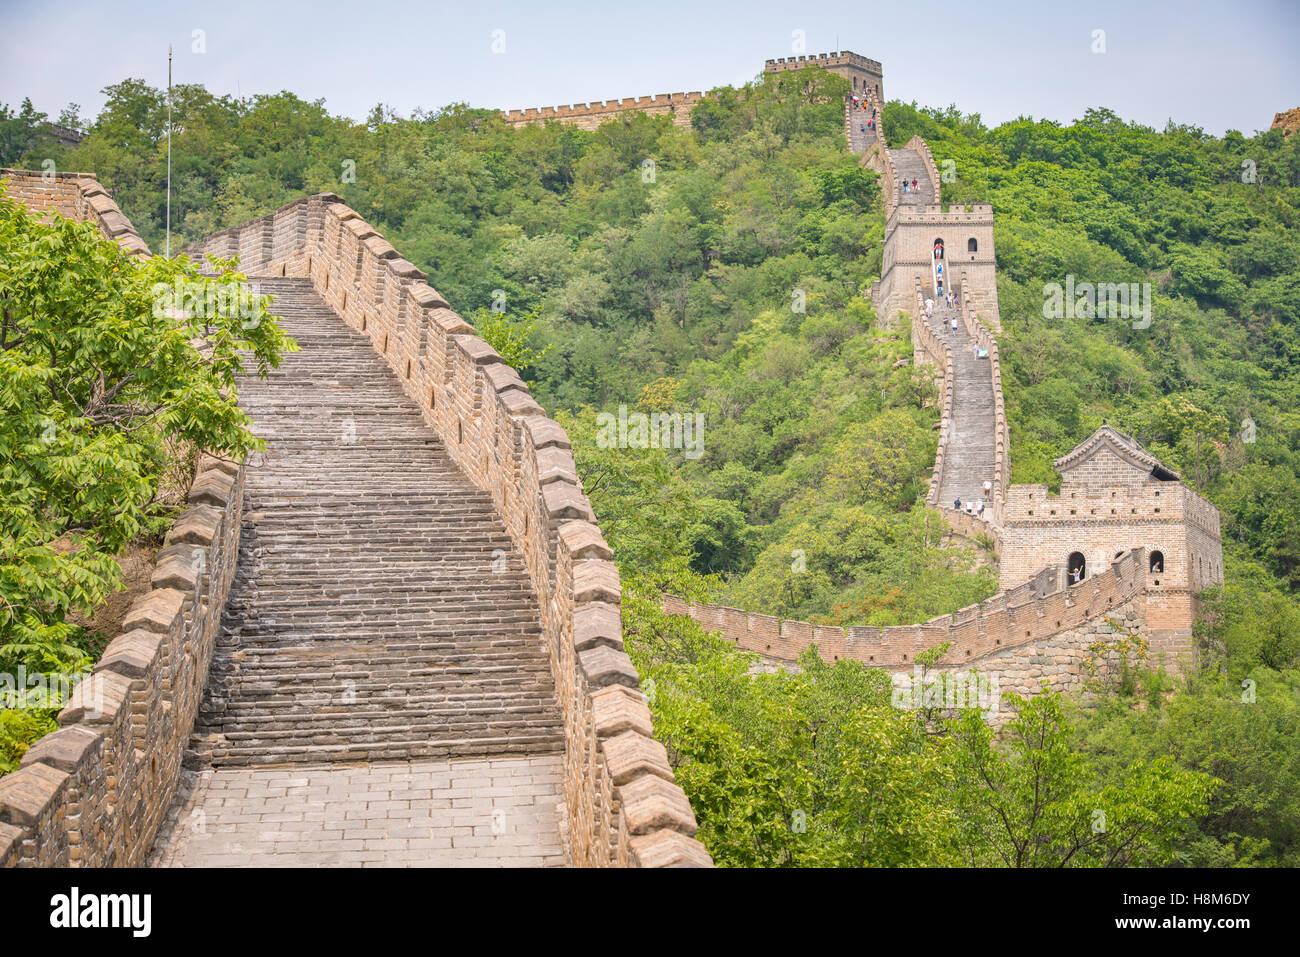 Mutianyu, China - Landschaftsblick auf der chinesischen Mauer. Die Mauer erstreckt sich über 6.000 bergige Stockbild